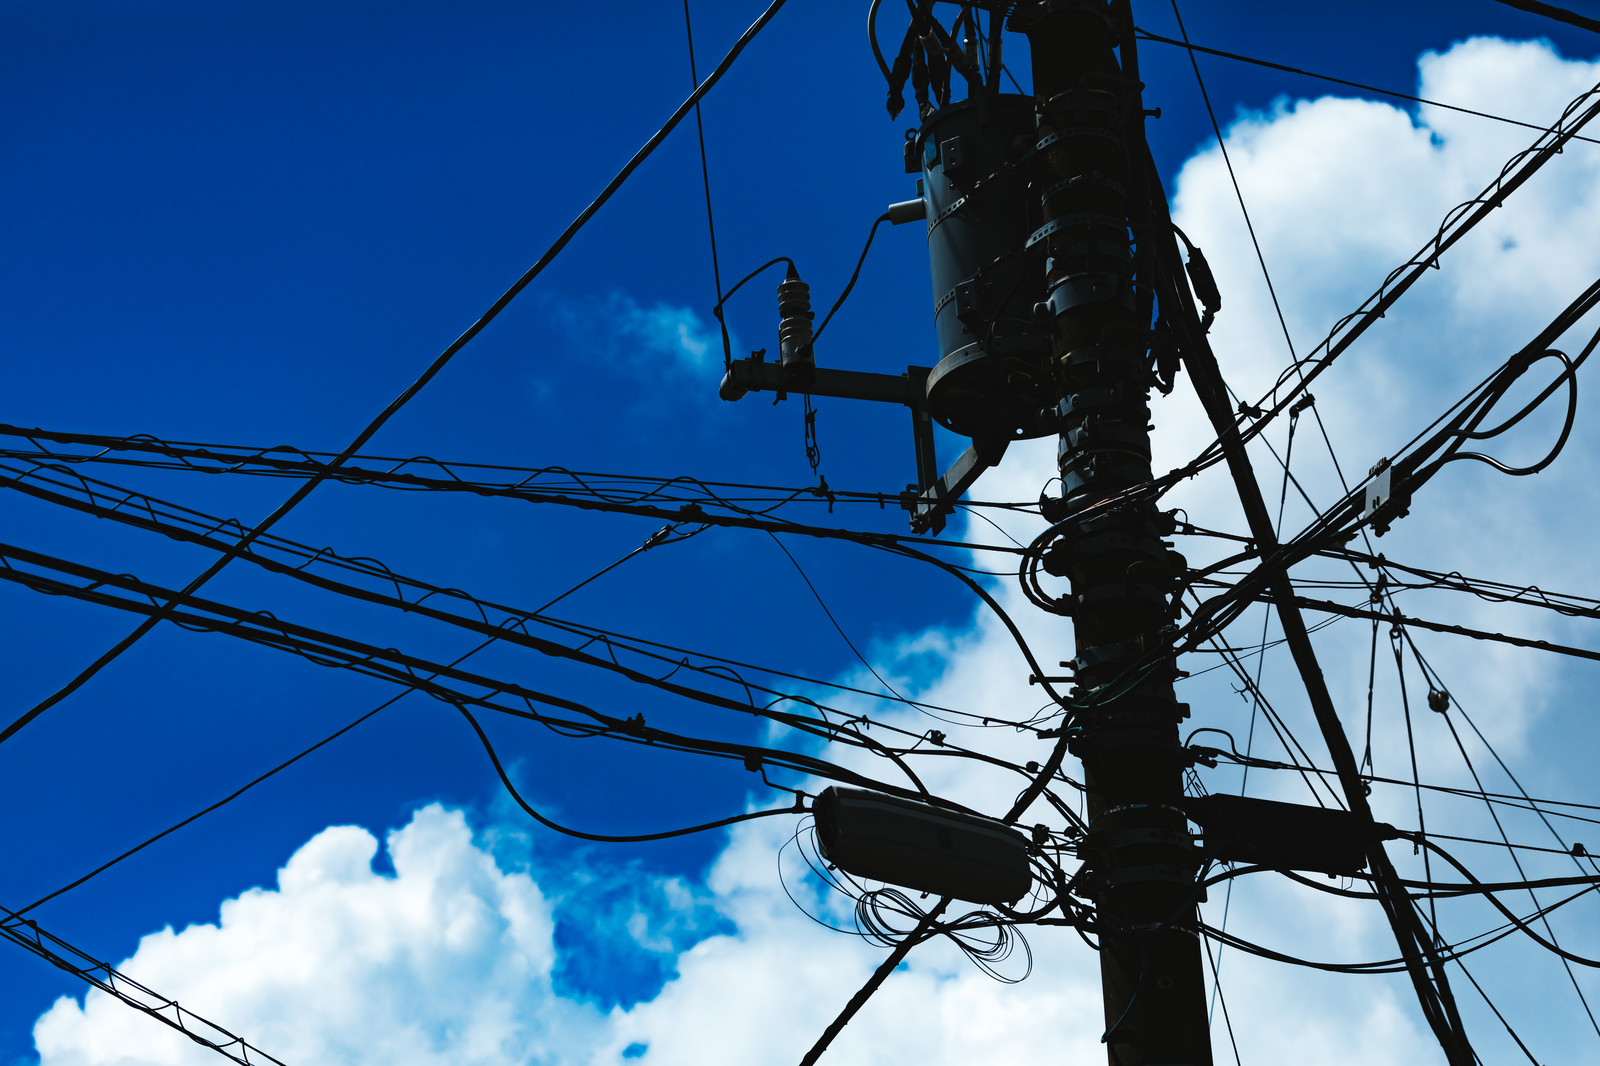 「積乱雲と電信柱のシルエット」の写真